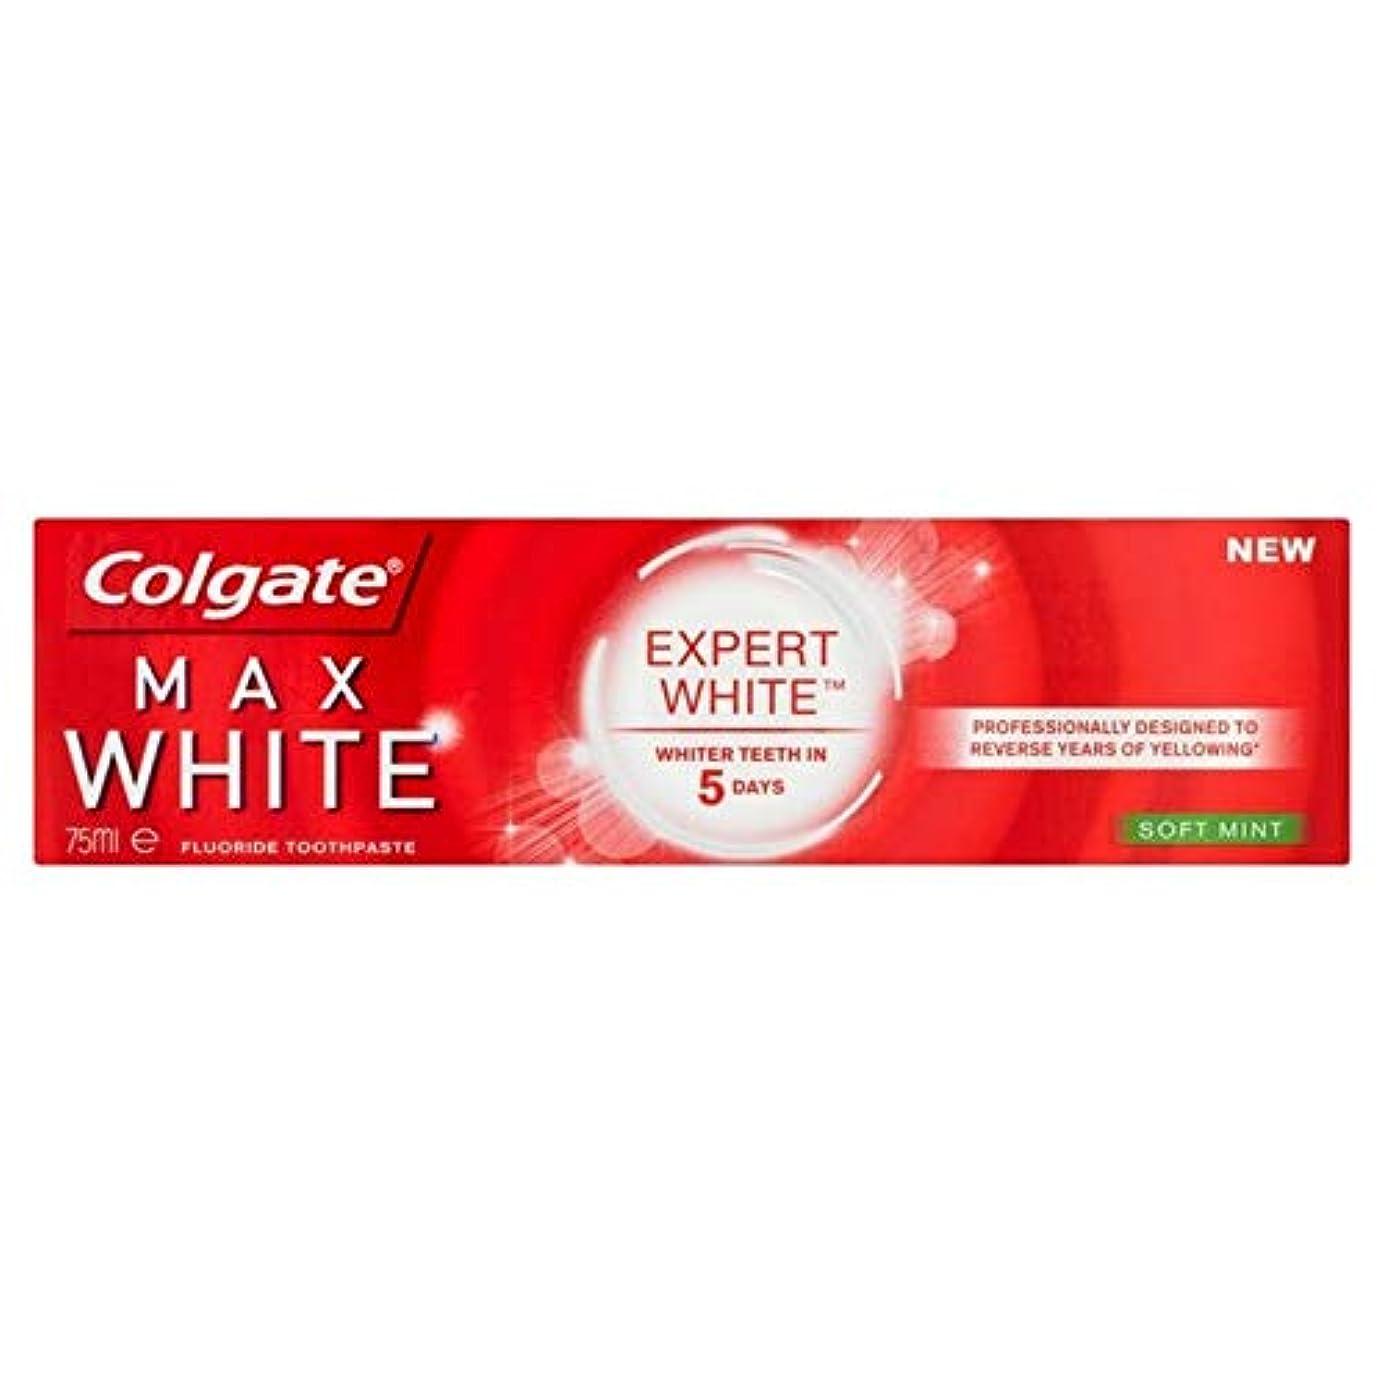 スカウト漂流示す[Colgate ] コルゲート最大白の専門ソフトミントホワイトニング歯磨き粉75ミリリットル - Colgate Max White Expert Soft Mint Whitening Toothpaste 75ml [並行輸入品]